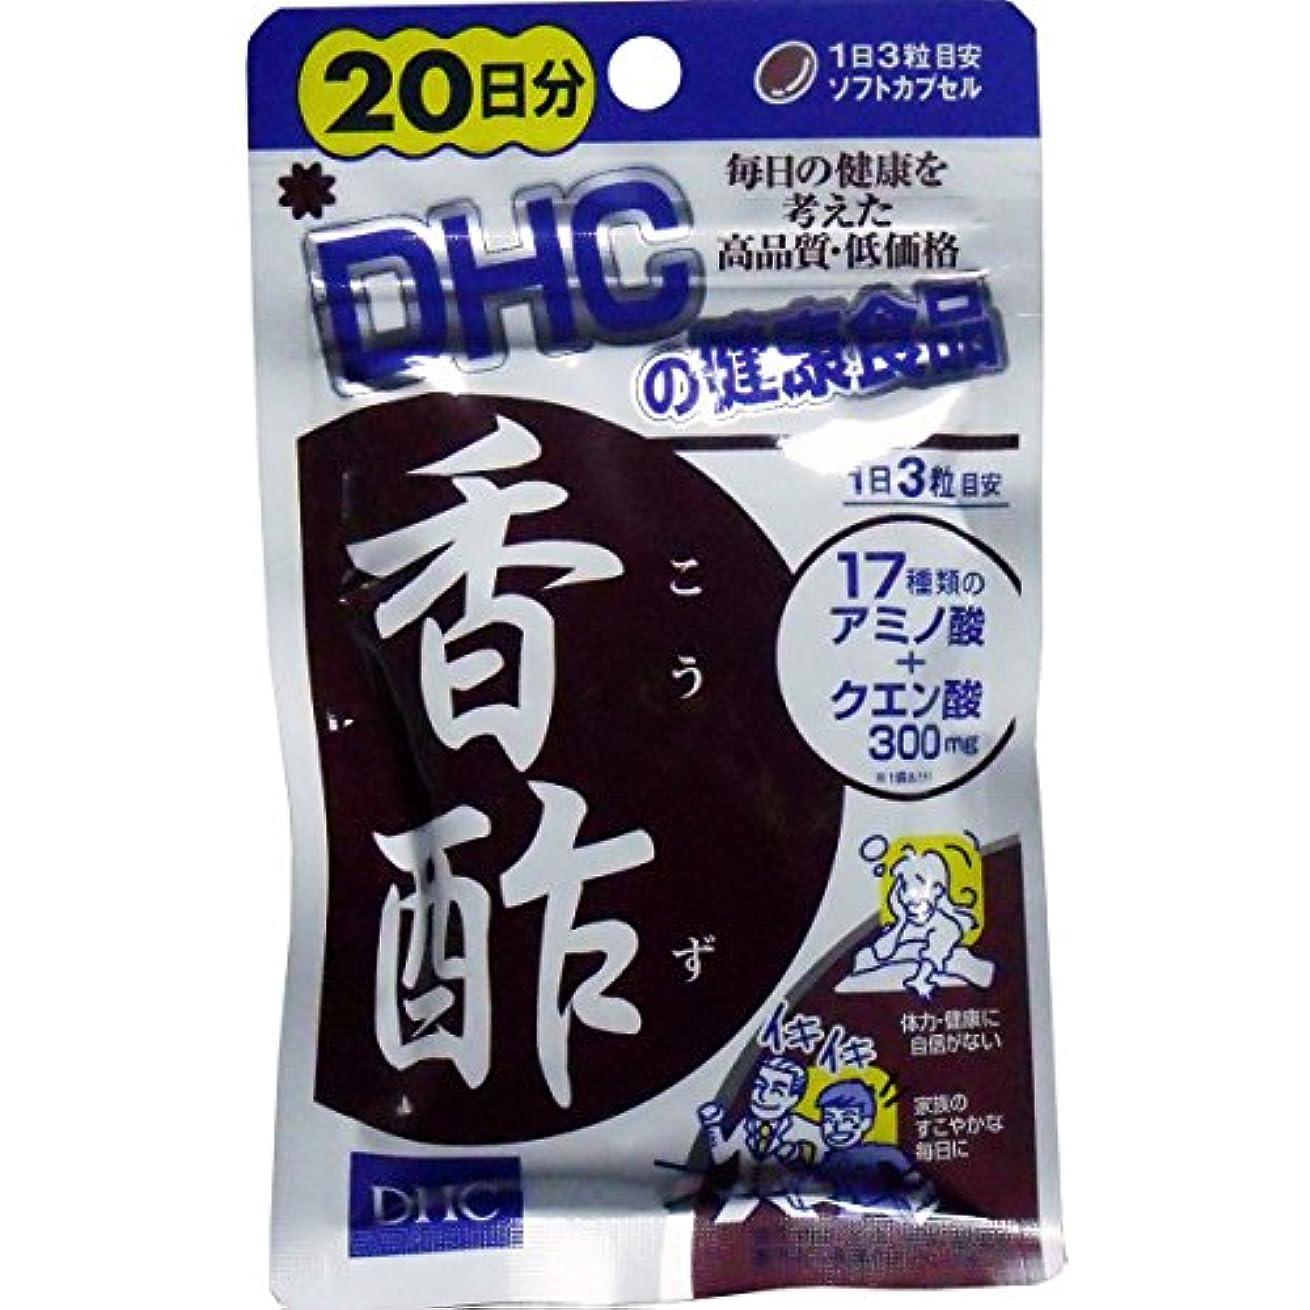 一時停止郵便局緊張するDHC 香酢 20日分 60粒入「4点セット」